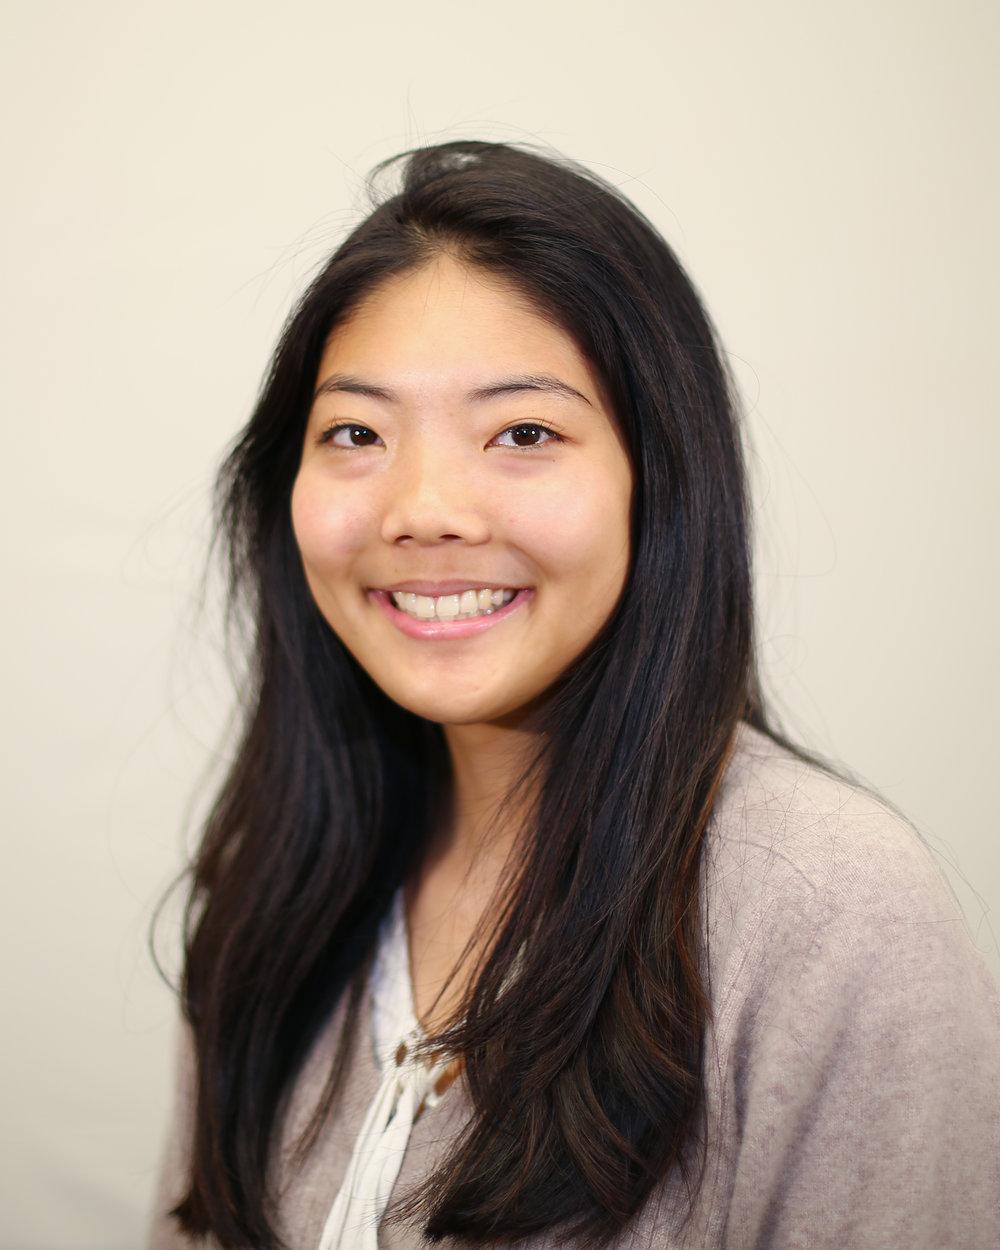 Haley Harada